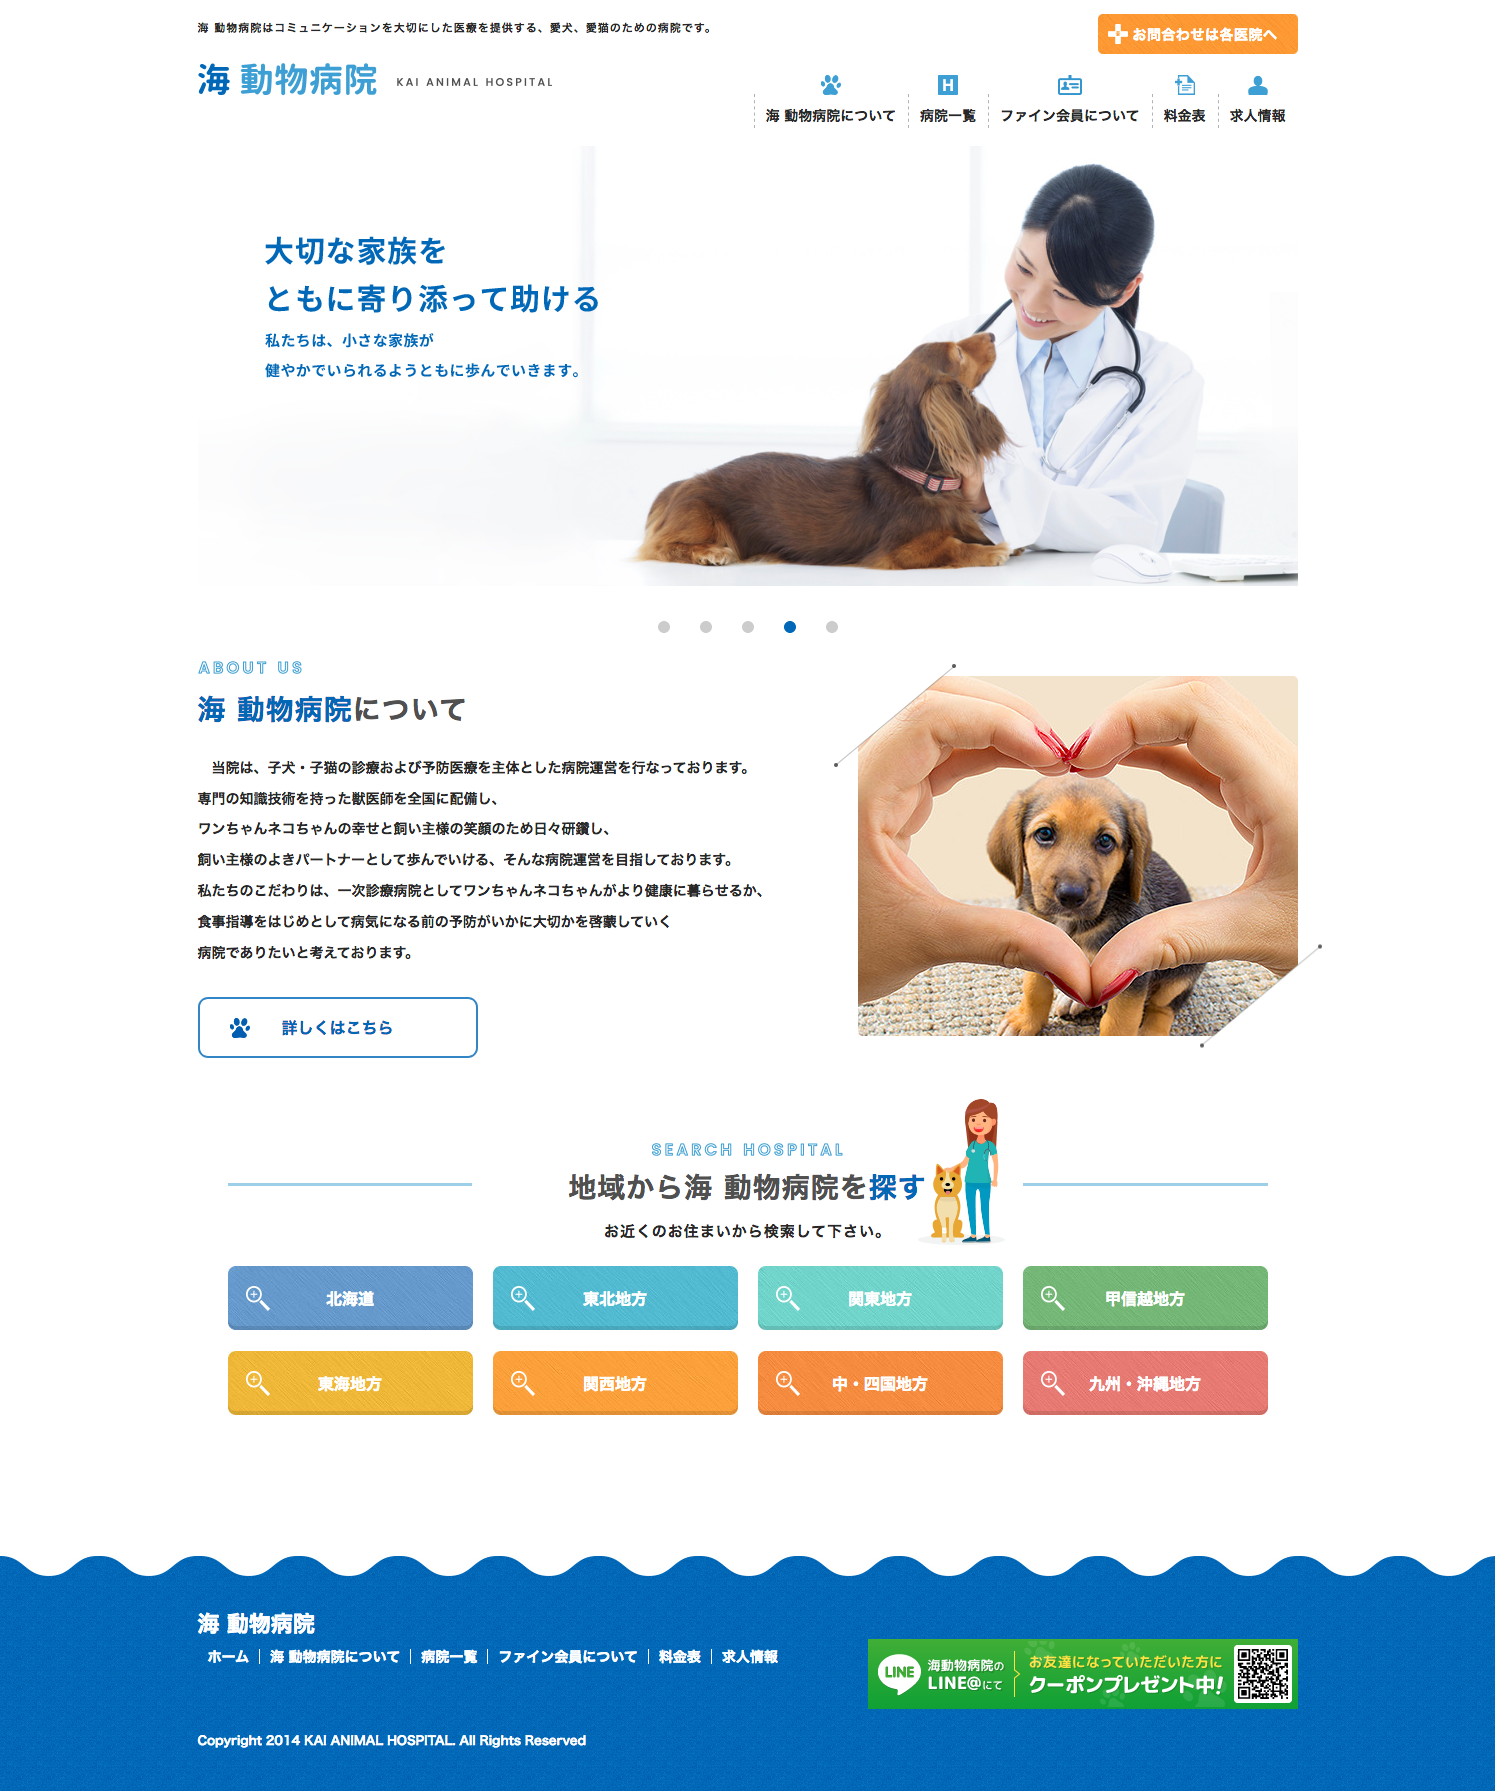 海動物病院web 海 動物病院はコミュニケーションを大切にした医療を提供する 愛犬 愛猫のための病院です Web Design Design Clinic